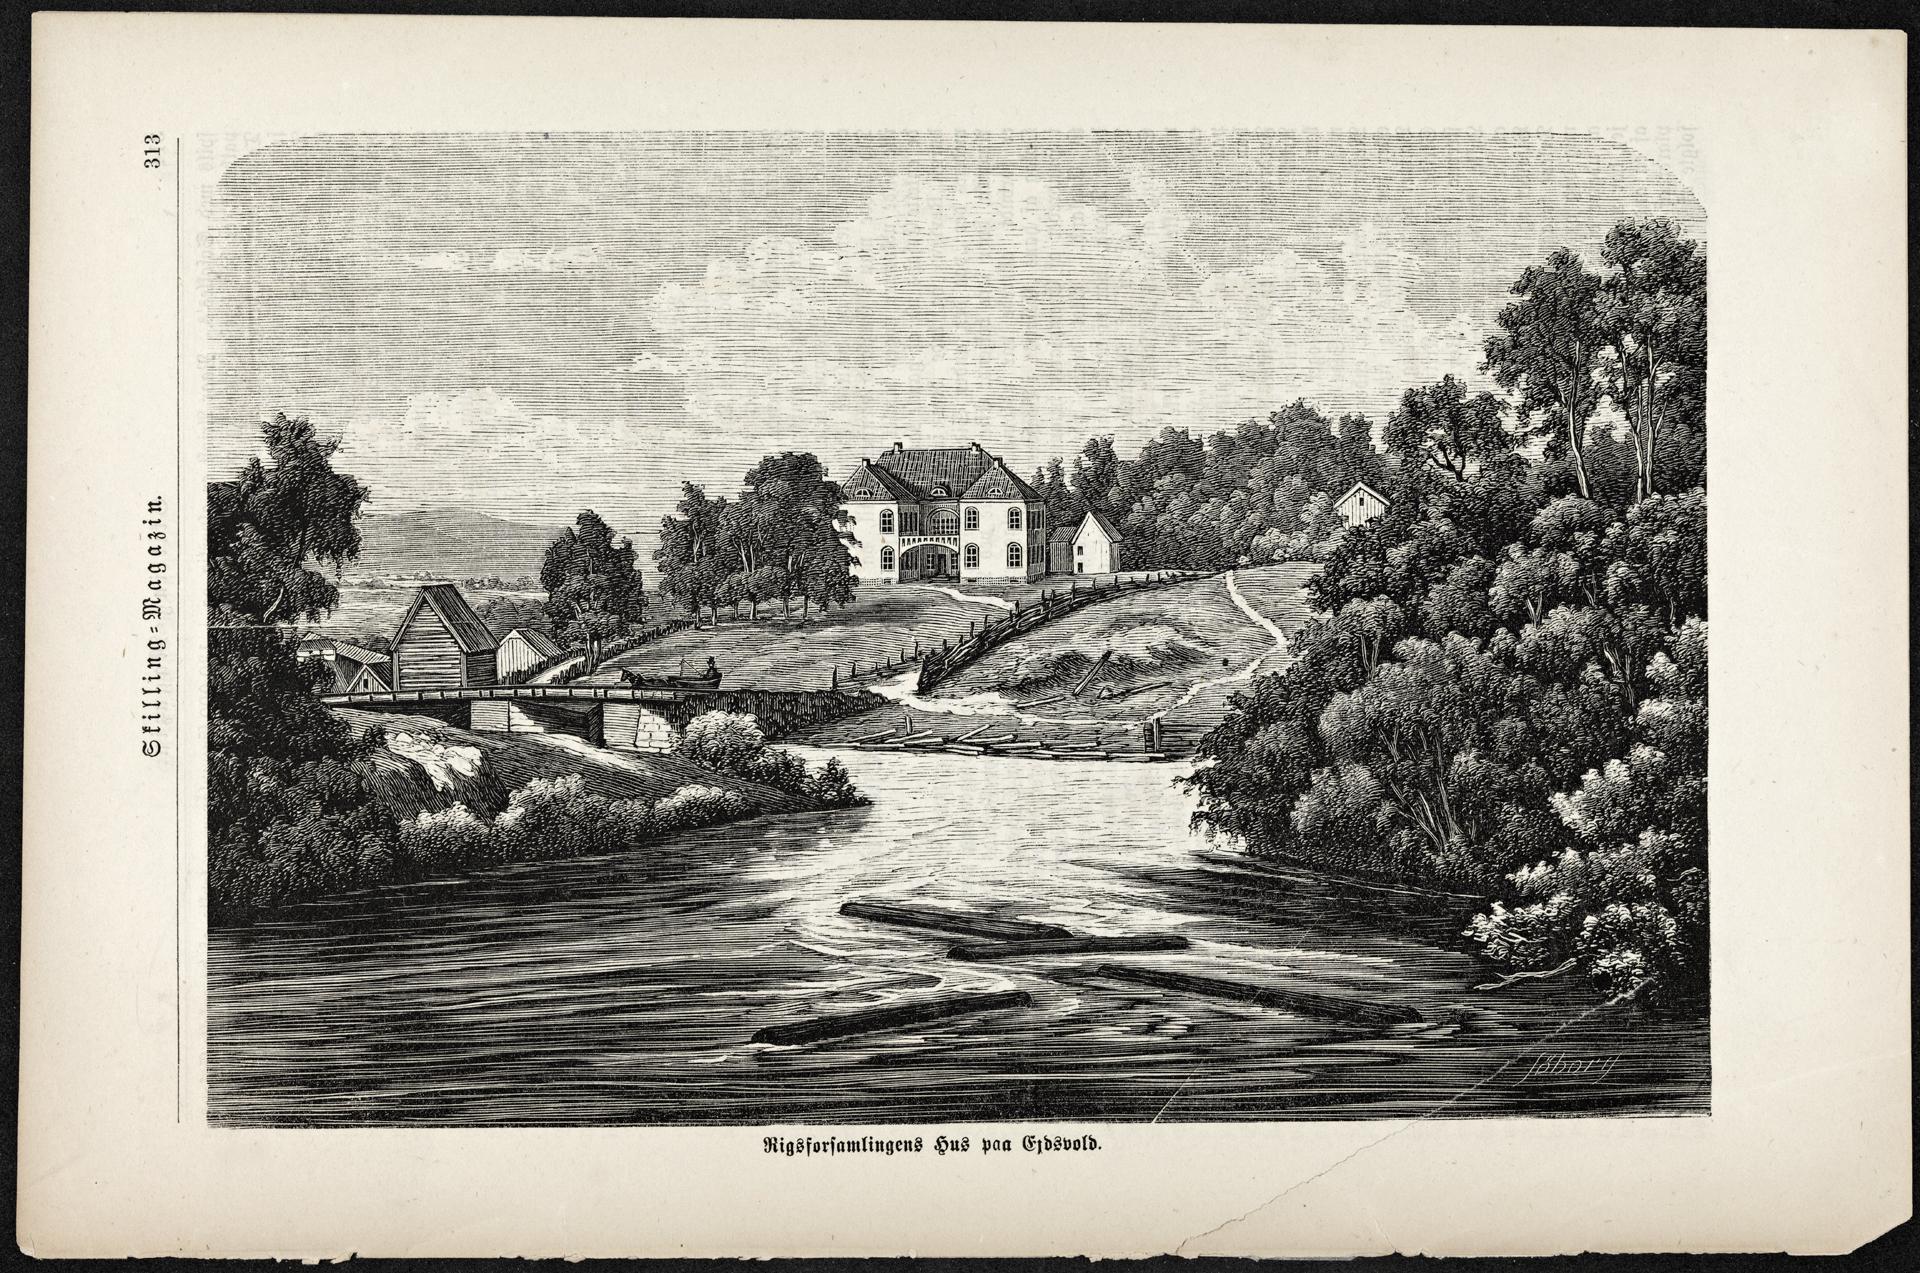 Rigsforsamlingens hus paa Ejdsvold